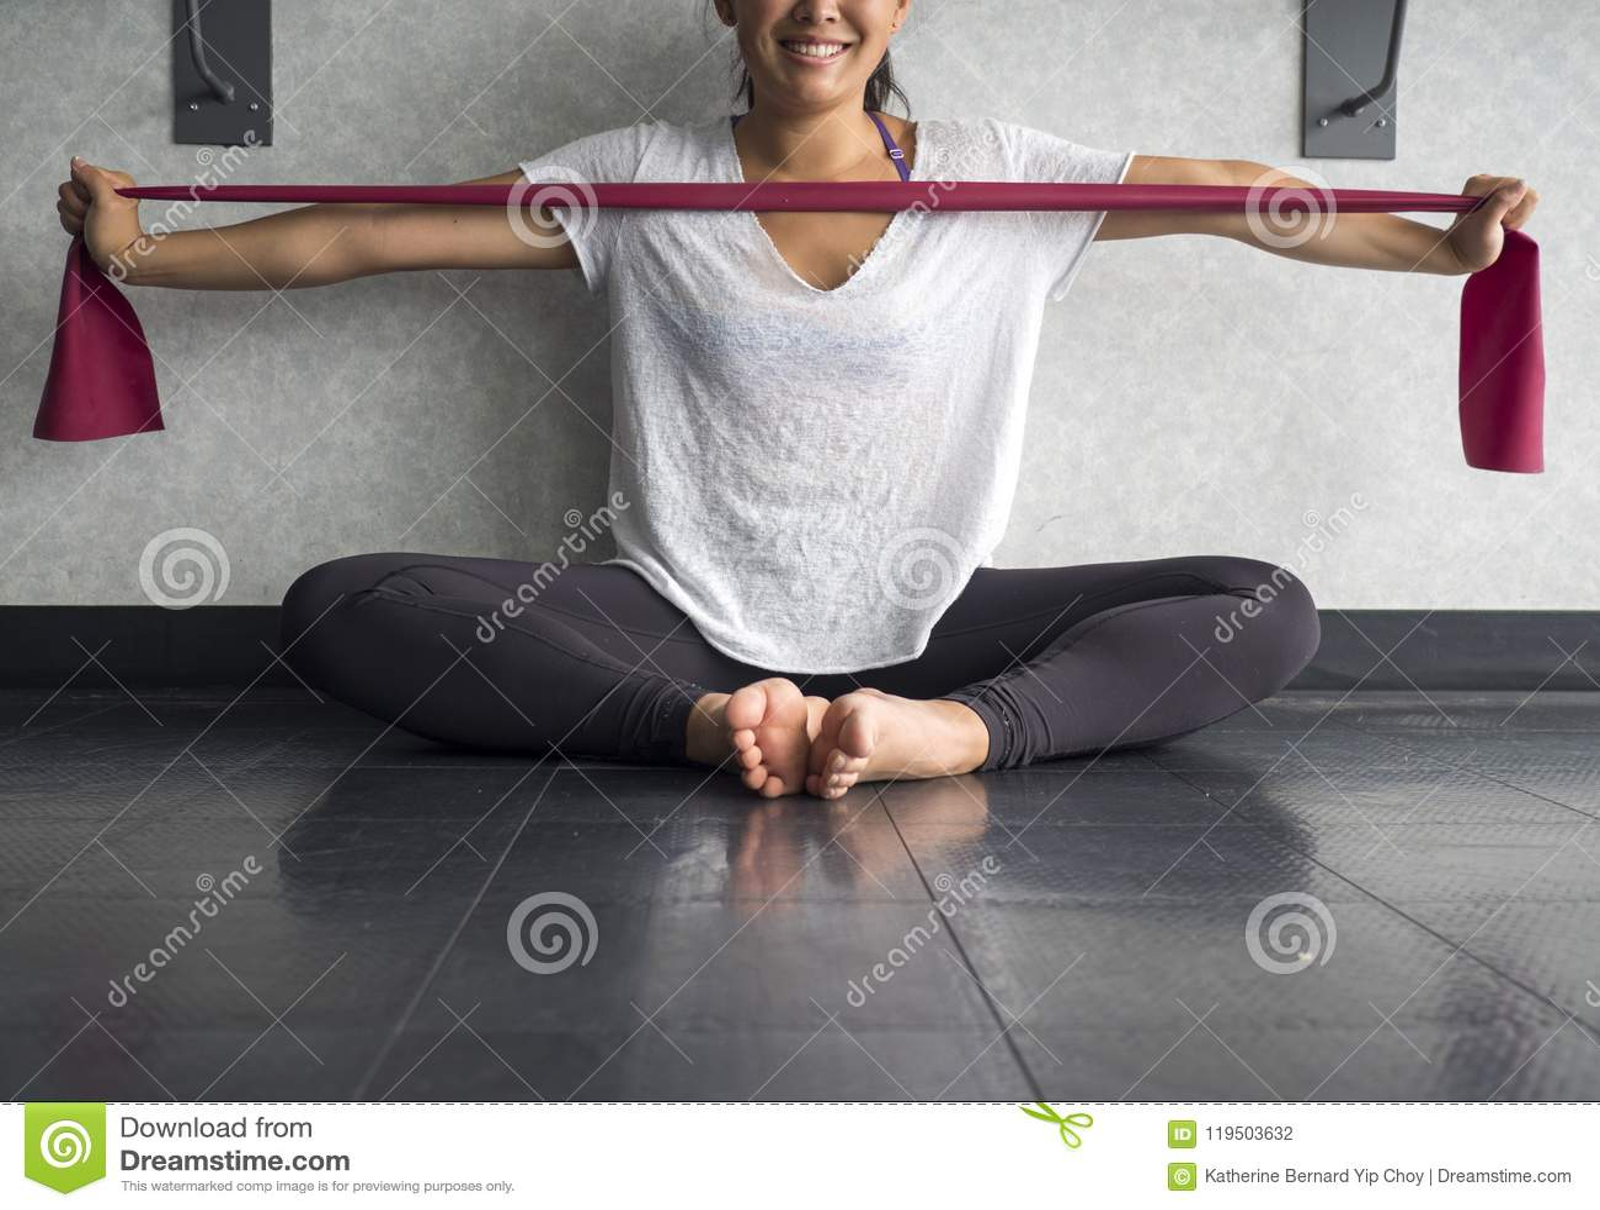 La hembra activa joven sonriente que usa un theraband ejercita la banda para consolidar sus músculos de los brazos en el estudio